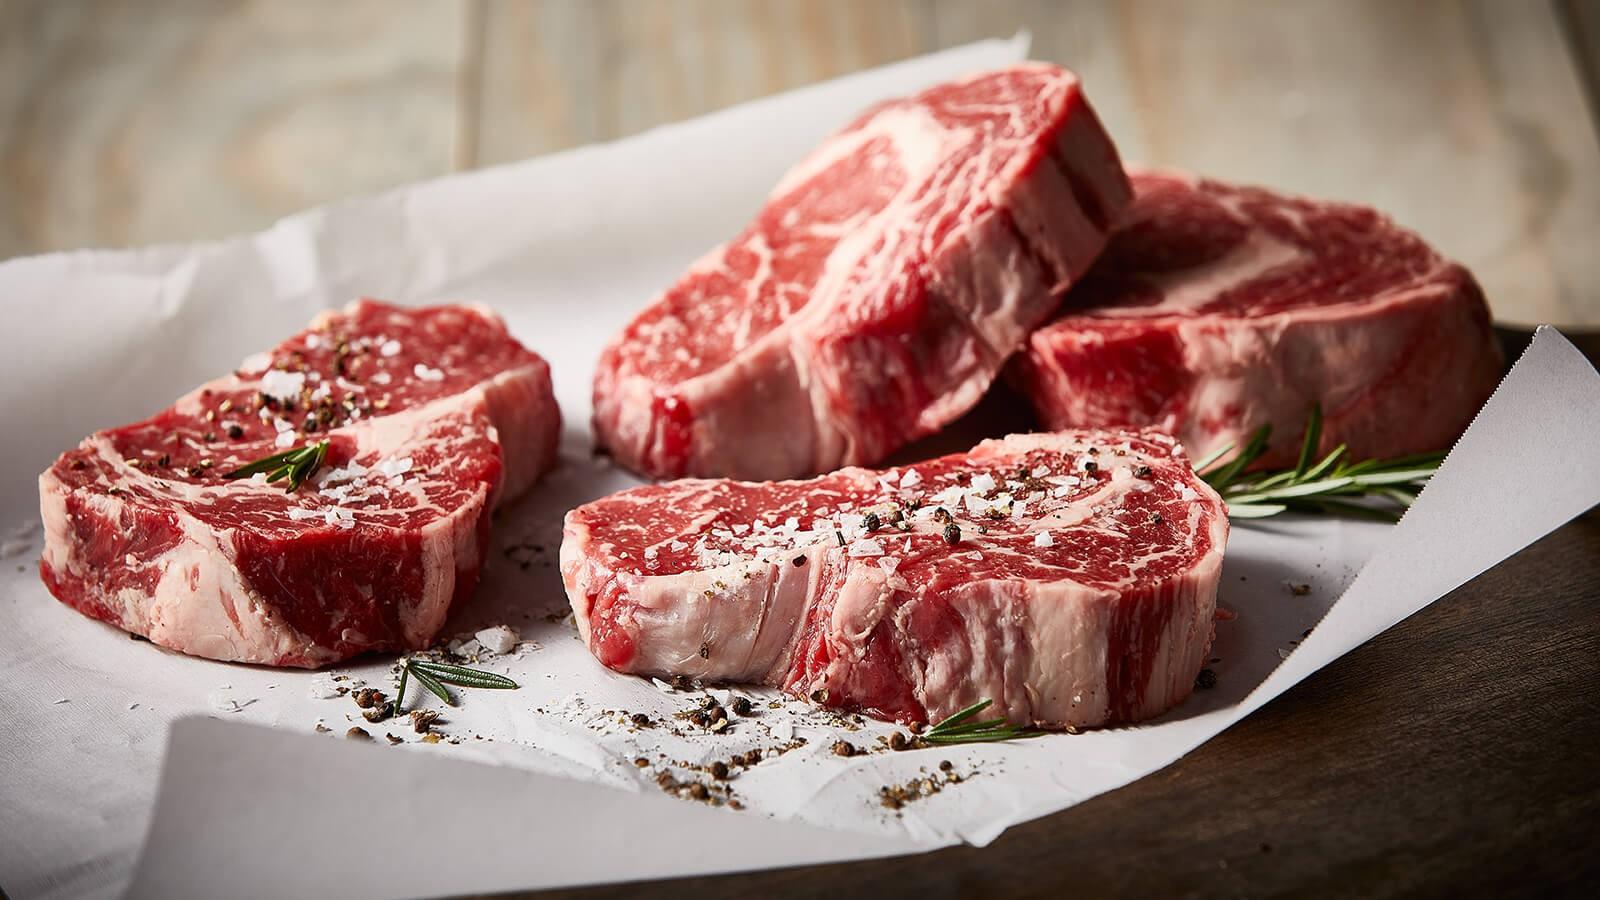 Danh sách xếp hạng các loại thịt tốt cho sức khỏe: Tiết lộ của chuyên gia mới thật sự gây sửng sốt!-2